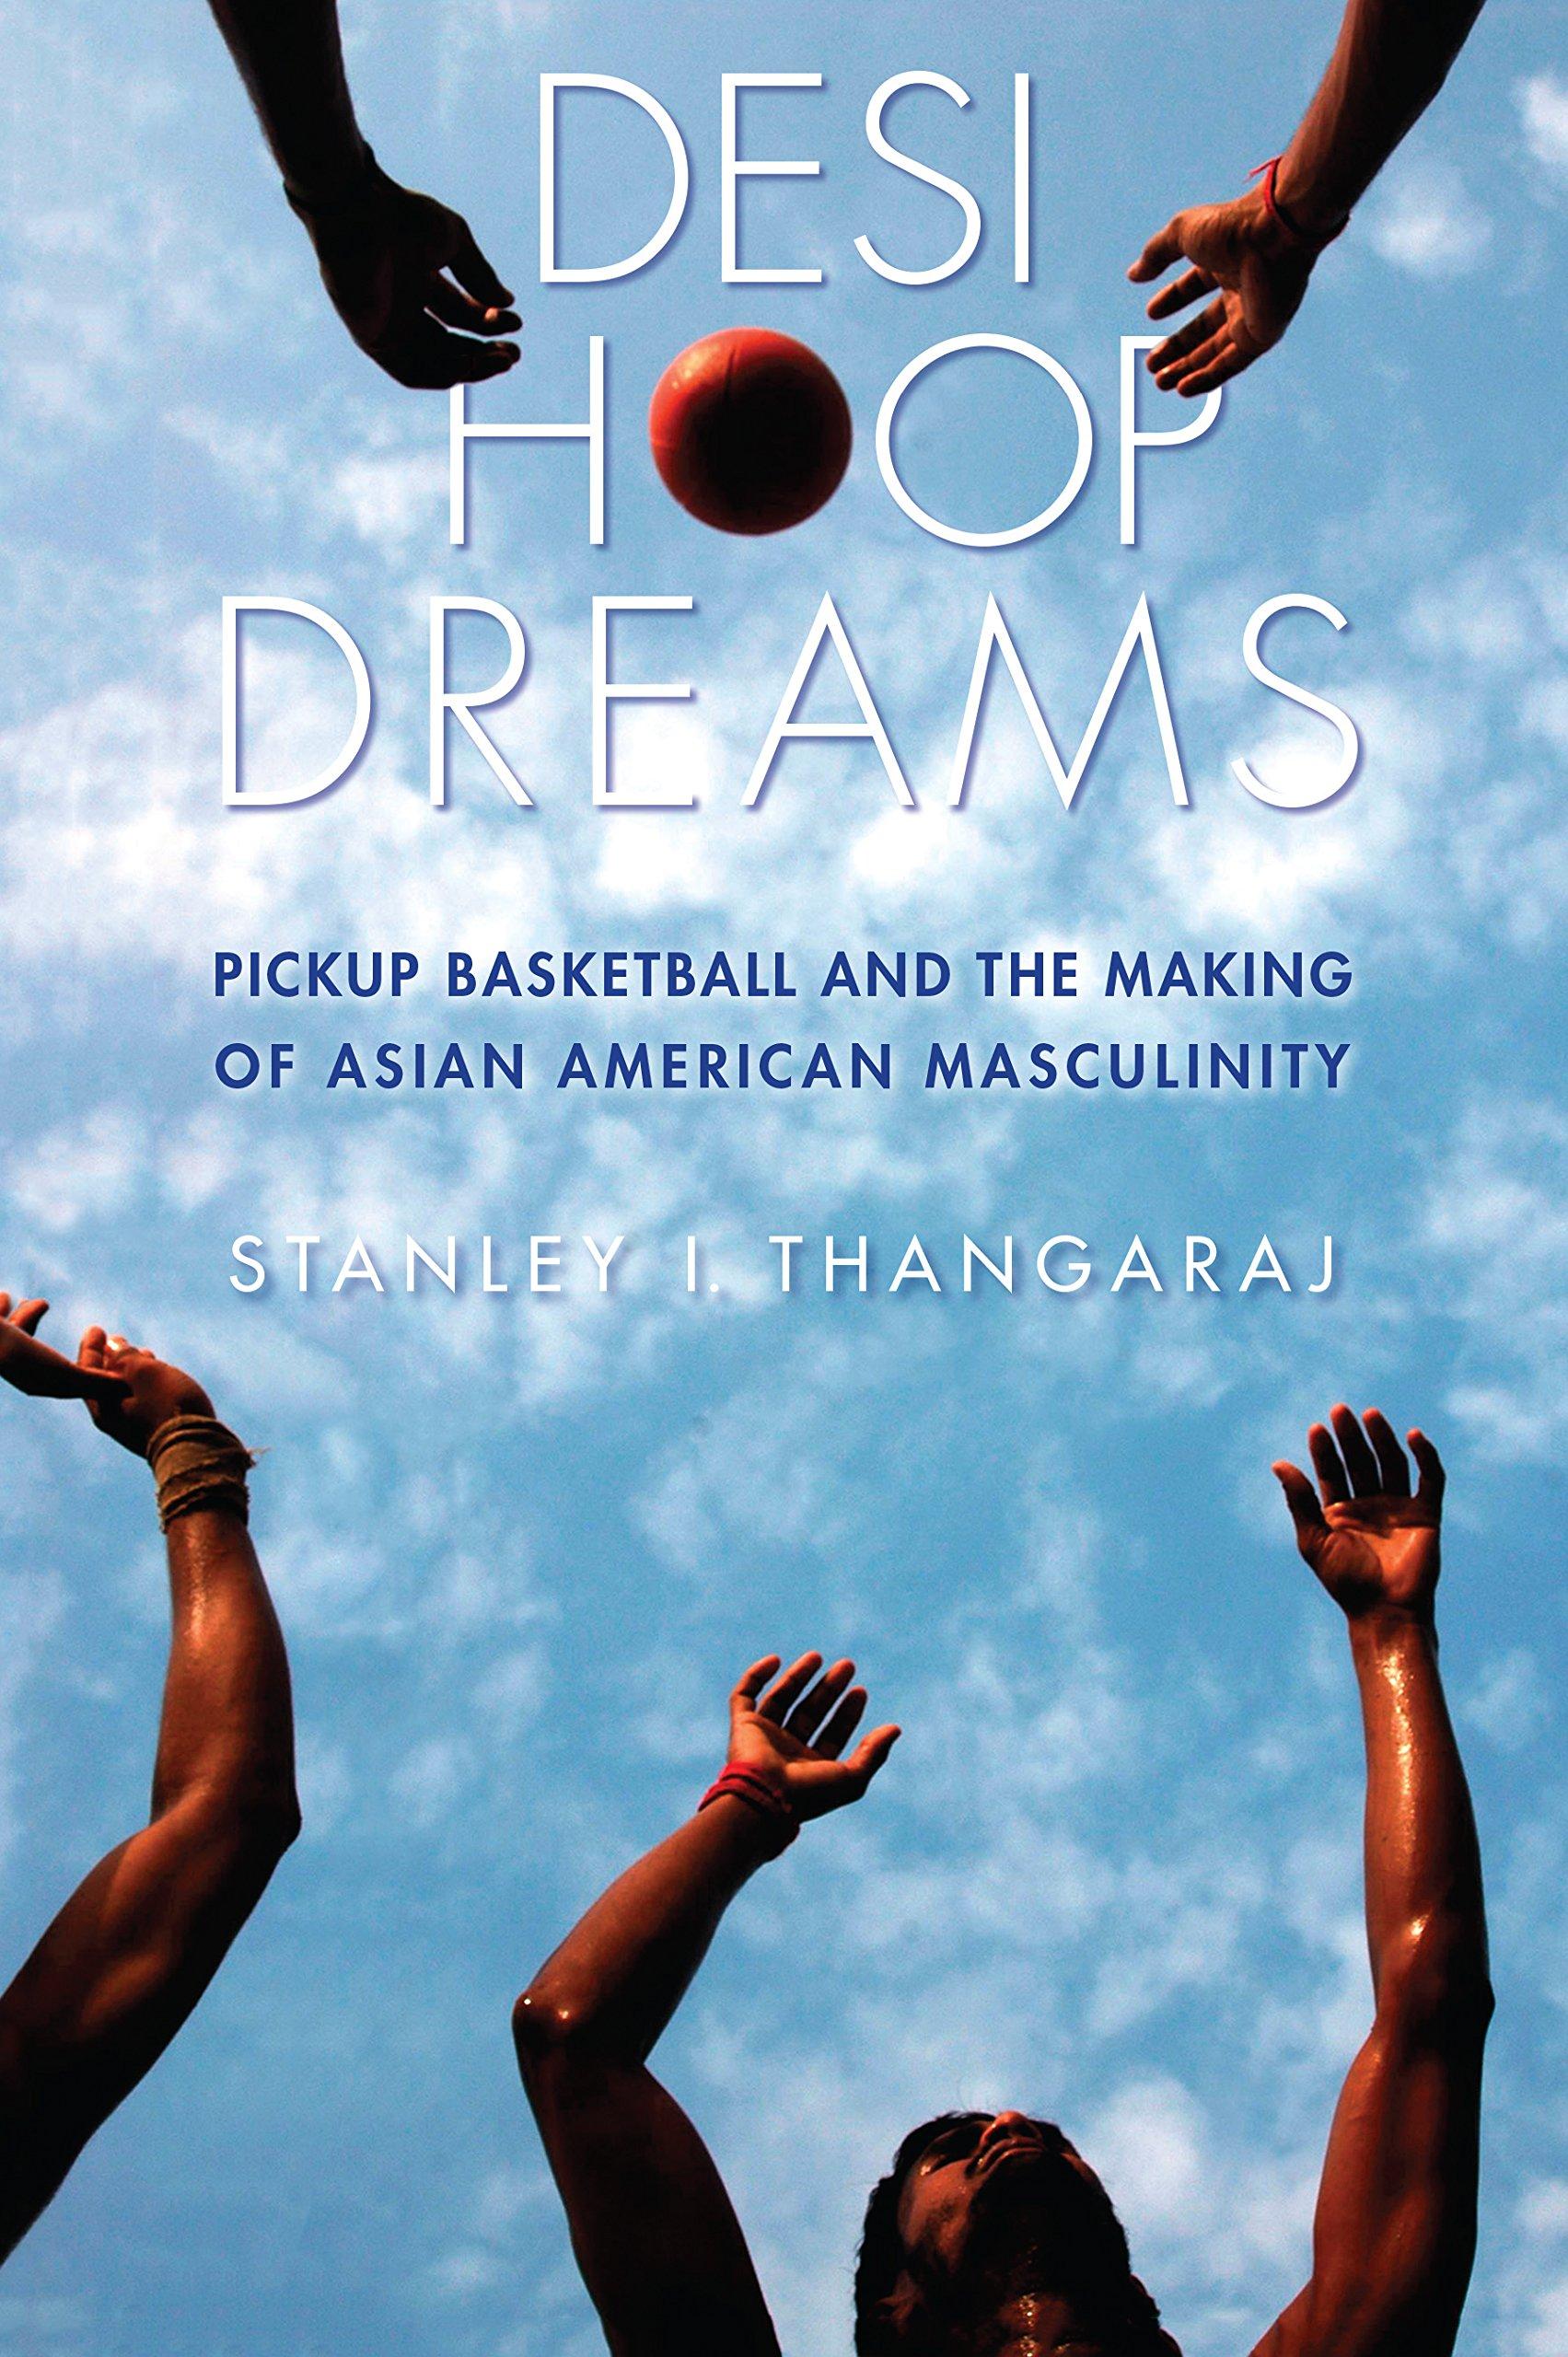 hoop dreams movie summary